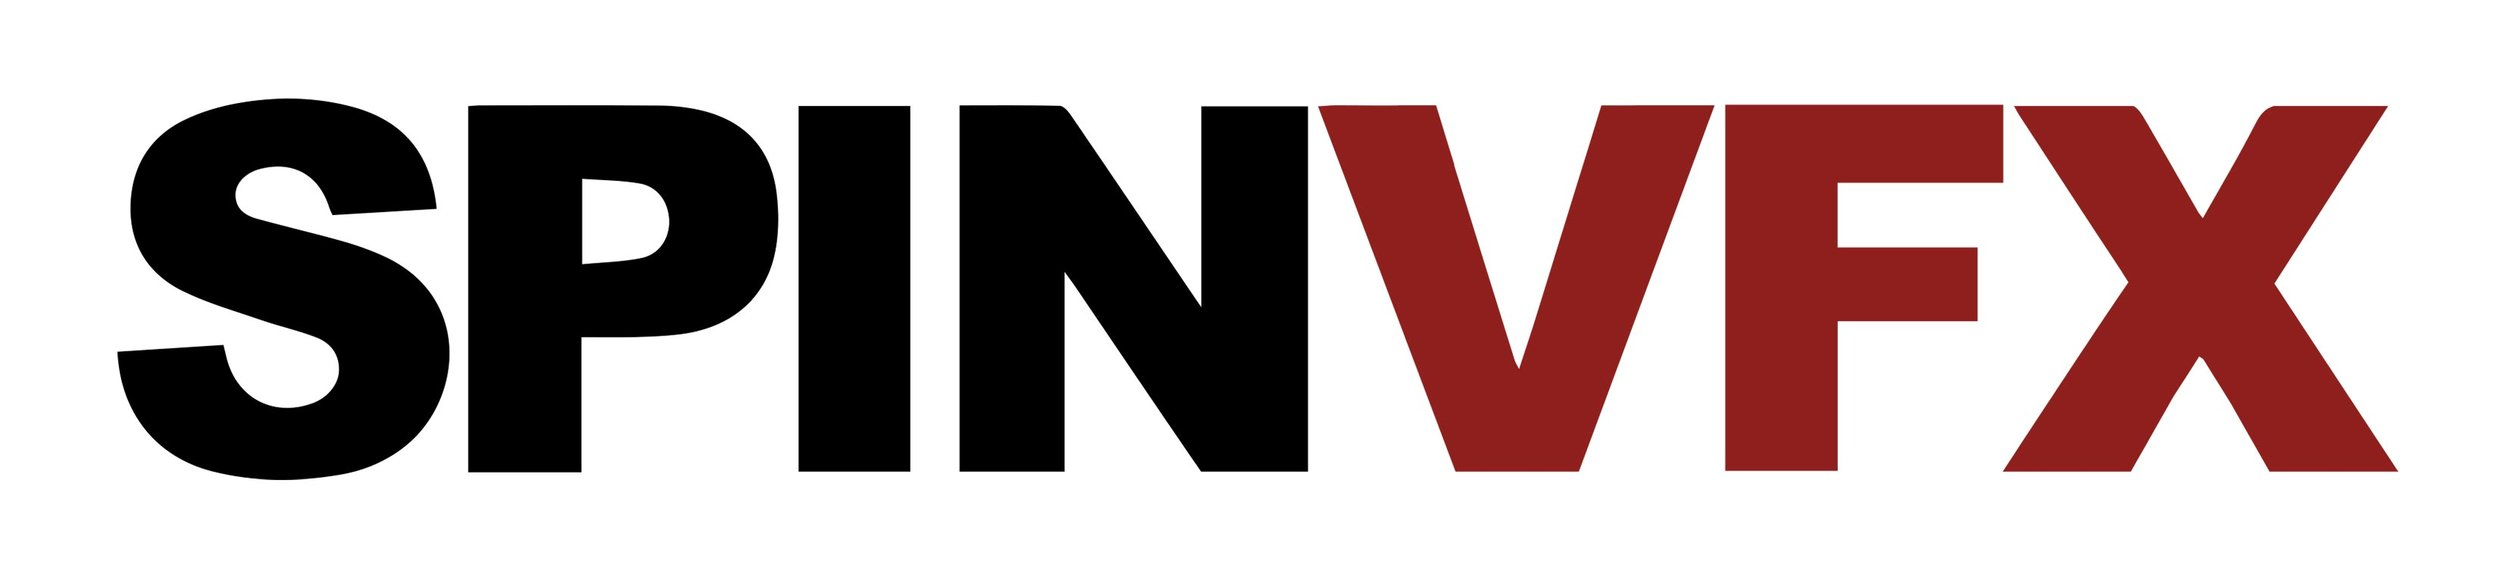 logo_sml_med_wht_bkg.jpg